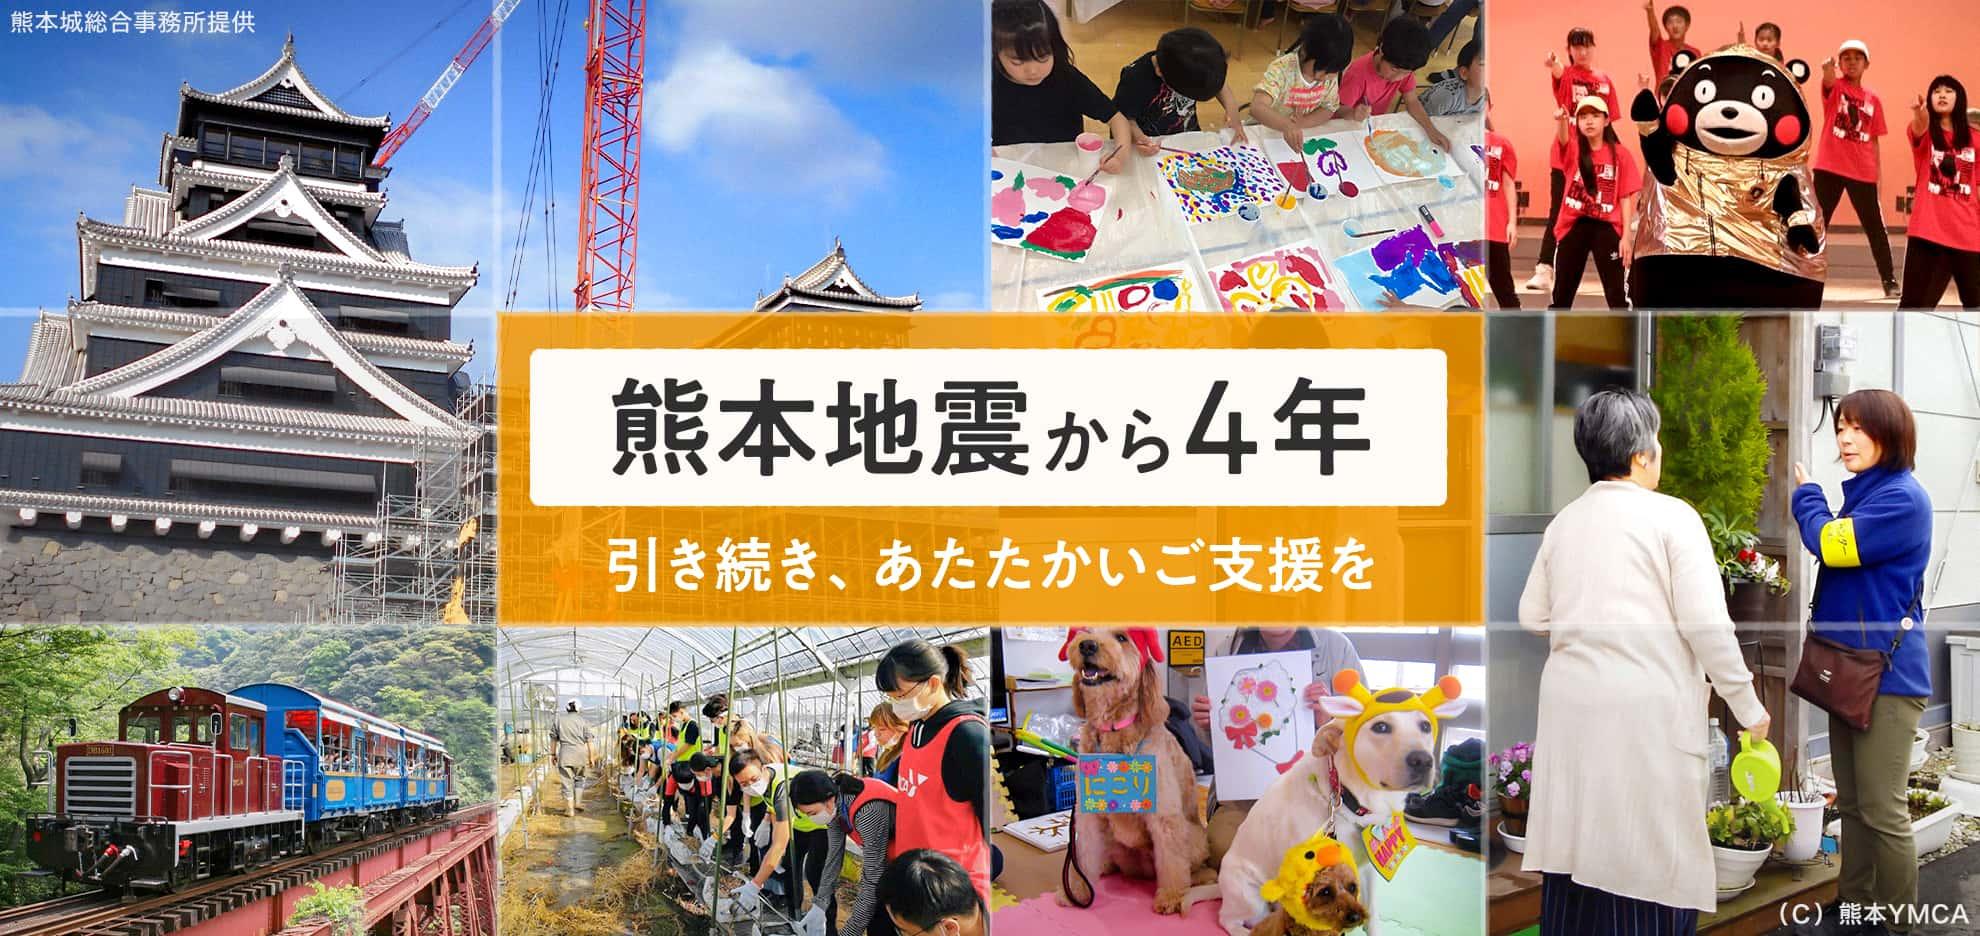 熊本地震から4年。引き続き、あたたかいご支援を